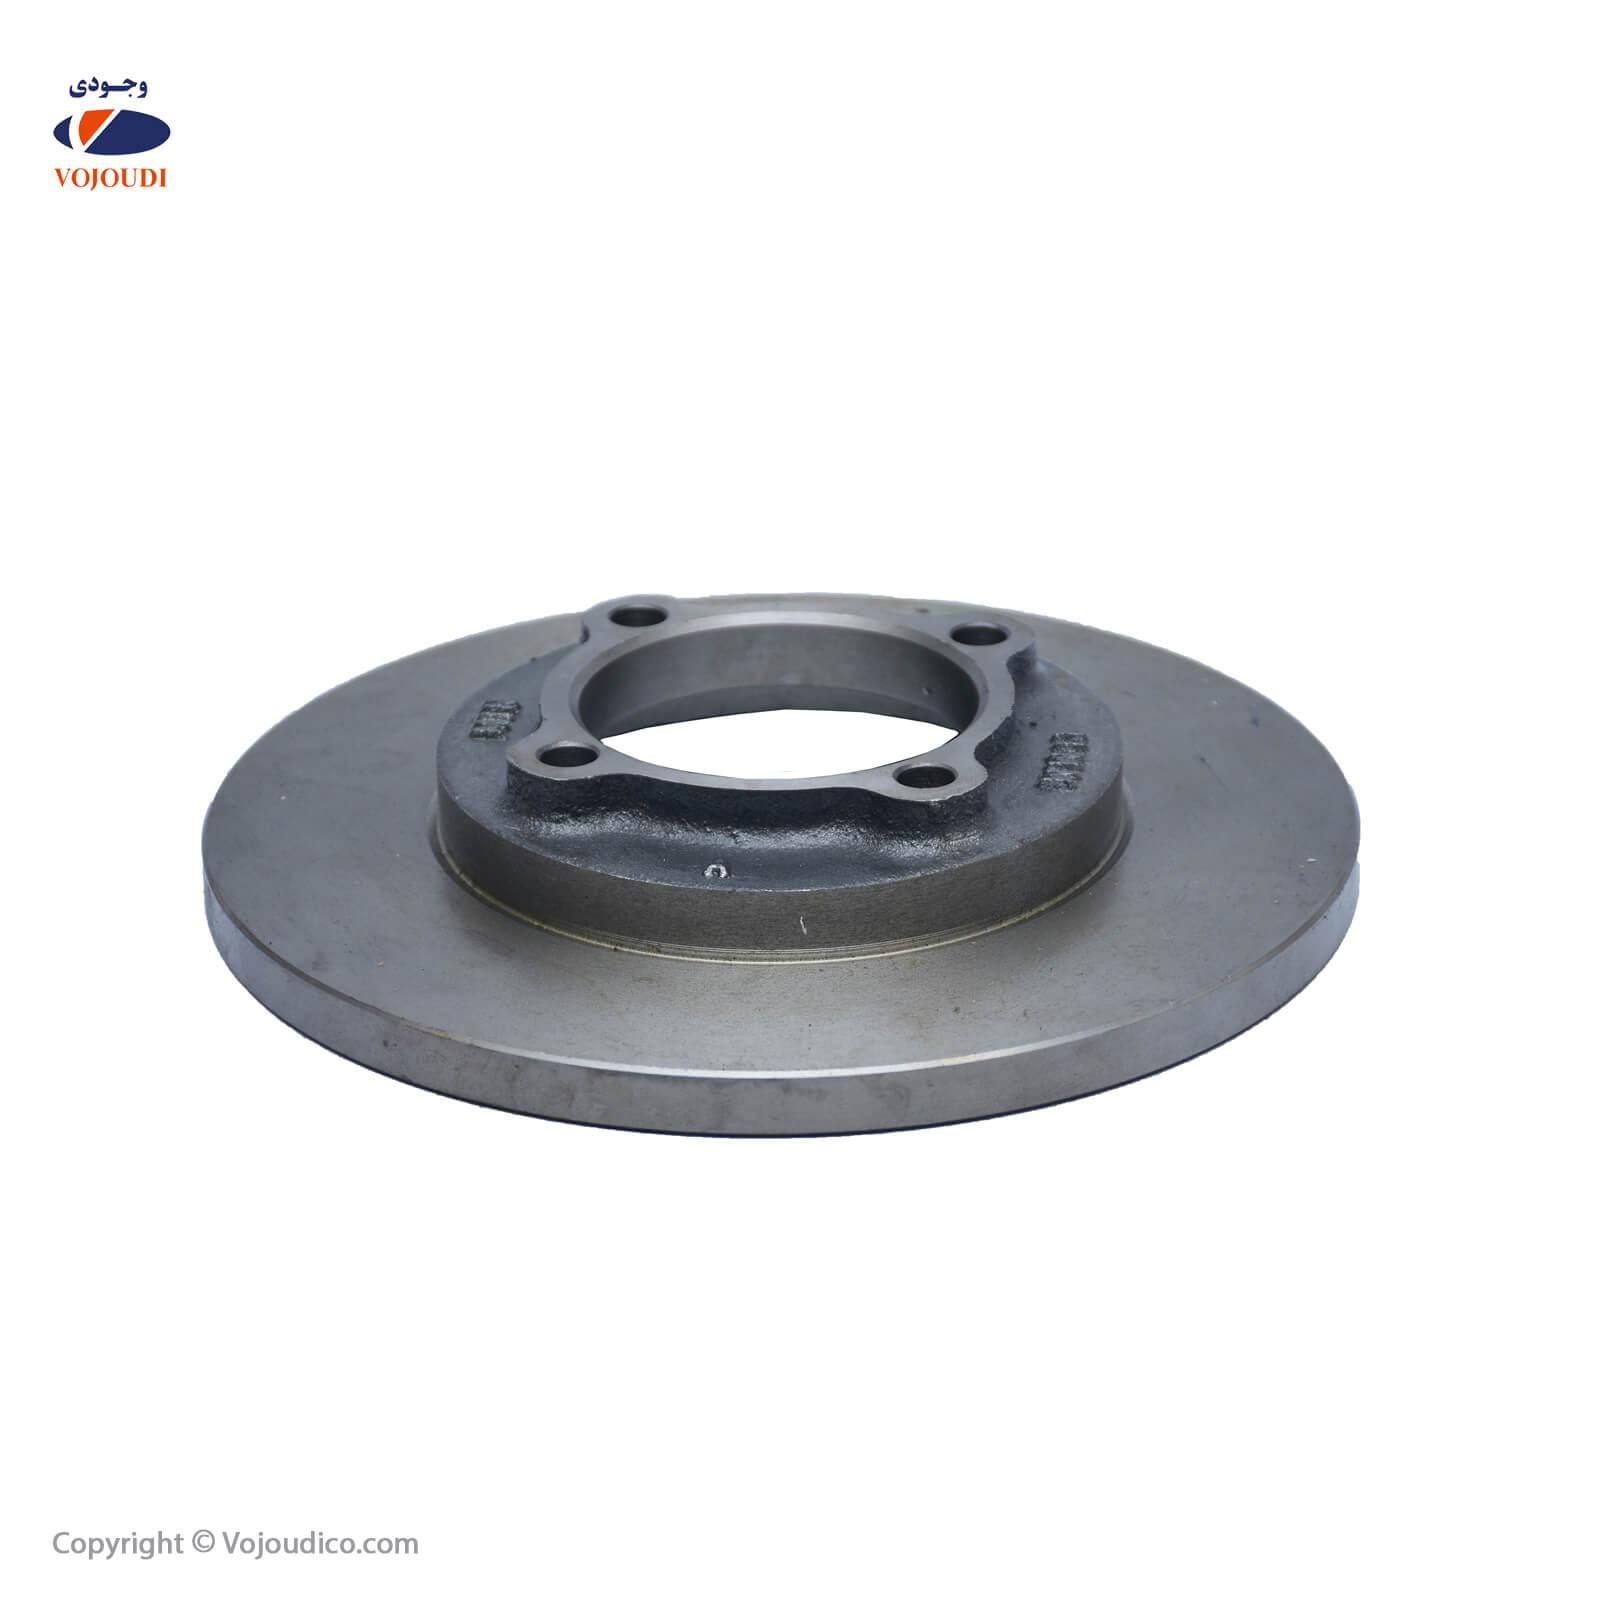 3689 1 - دیسک ترمز یا چرخ وجودی کد 3689 مناسب برای پراید ، تعداد بسته : 6 عدد